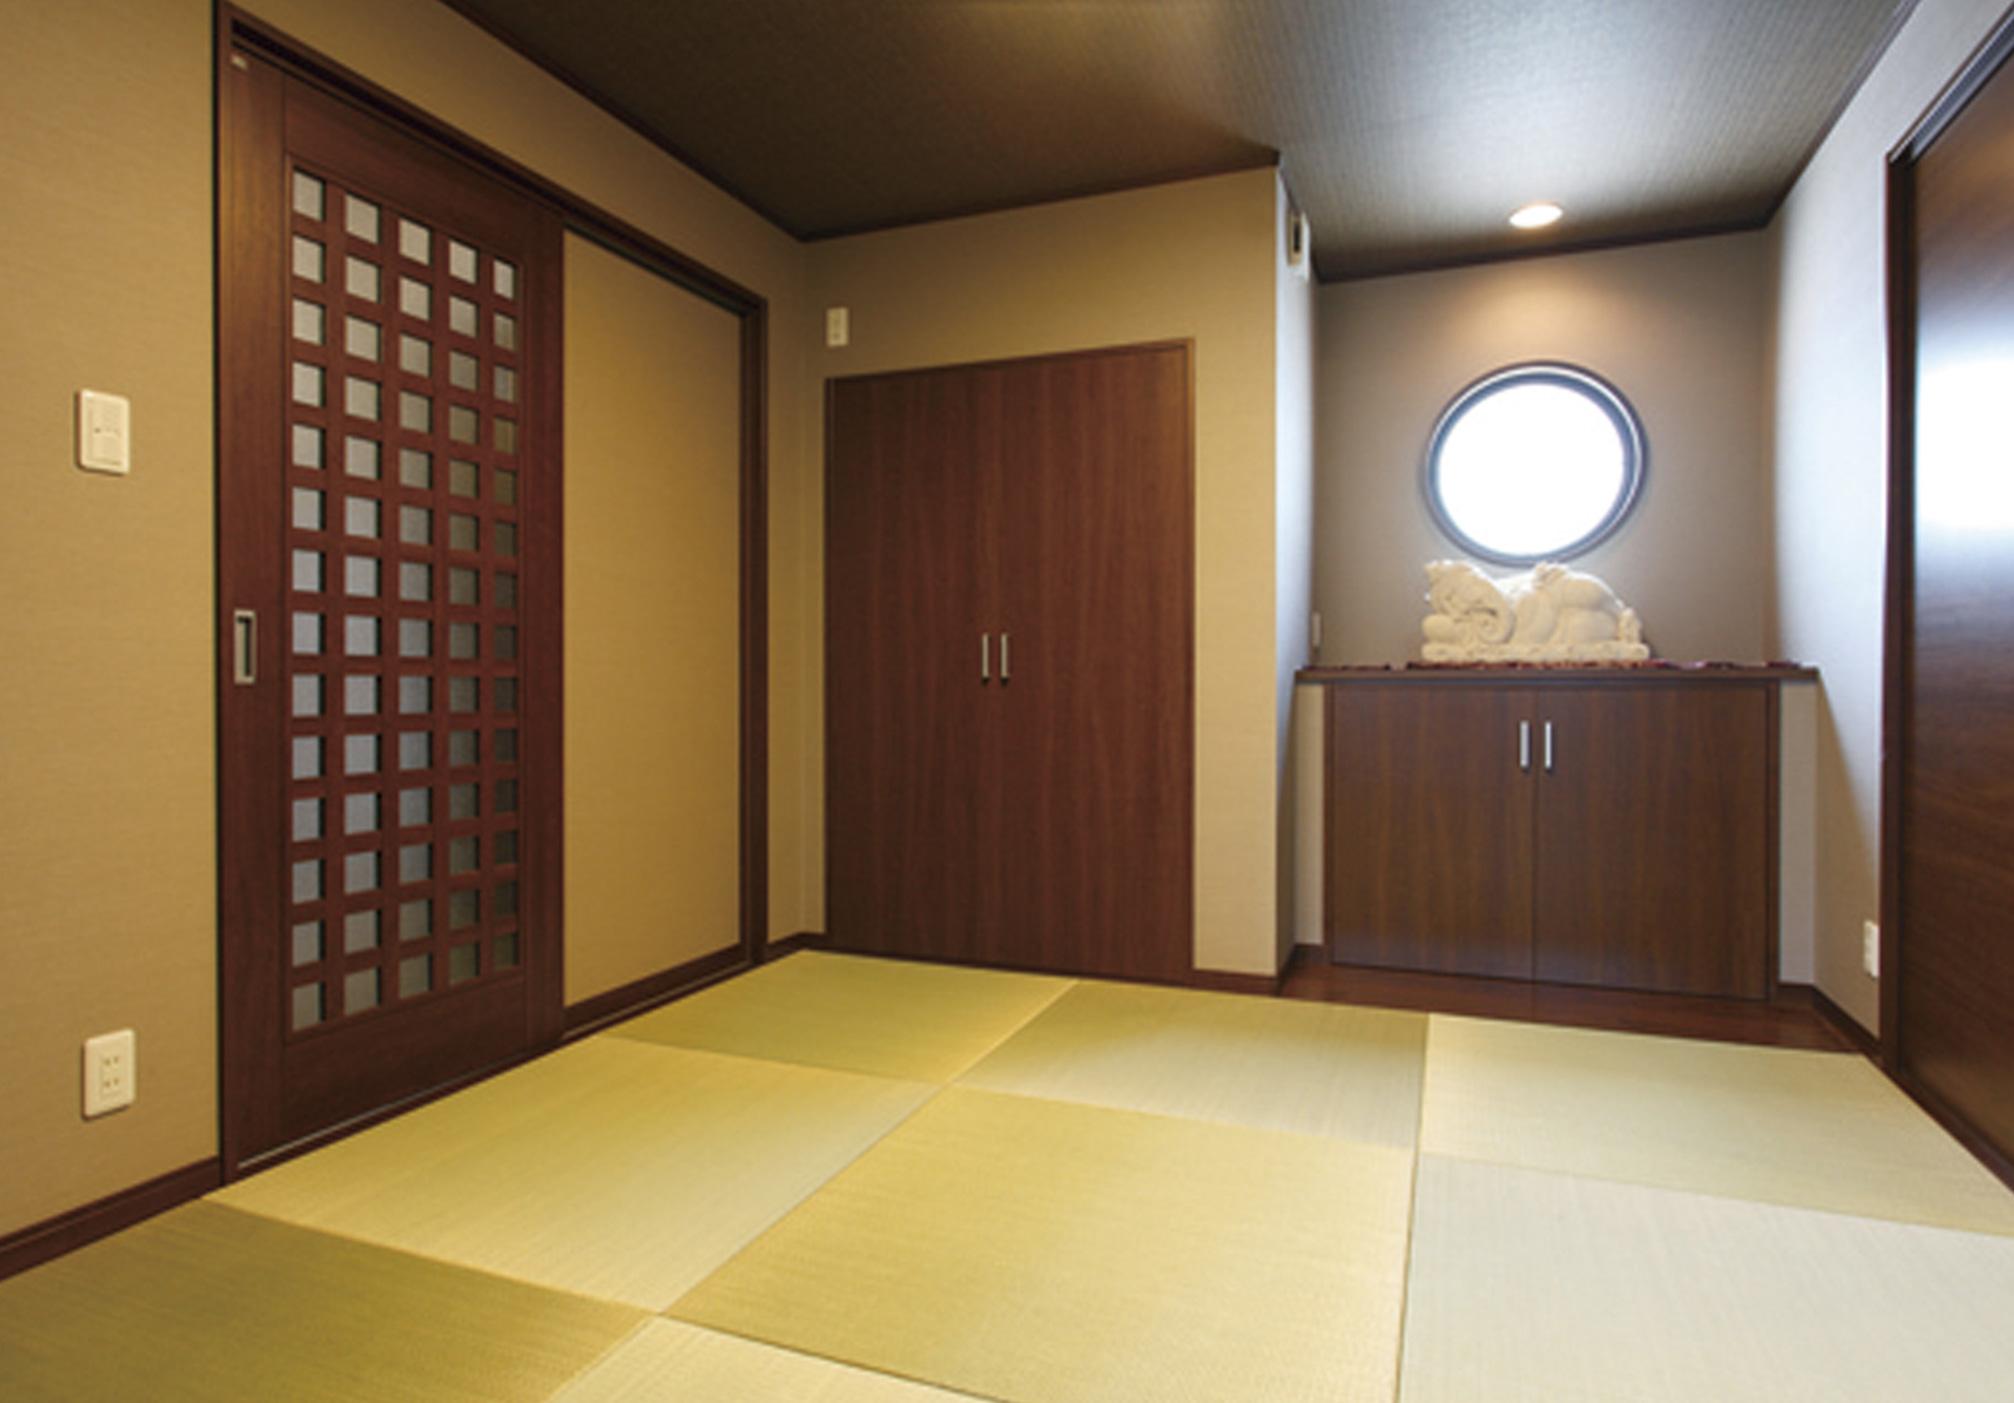 半畳サイズの畳を用い丸窓と飾り棚を備えたモダンな和室。玄関からも直接出入りが可能